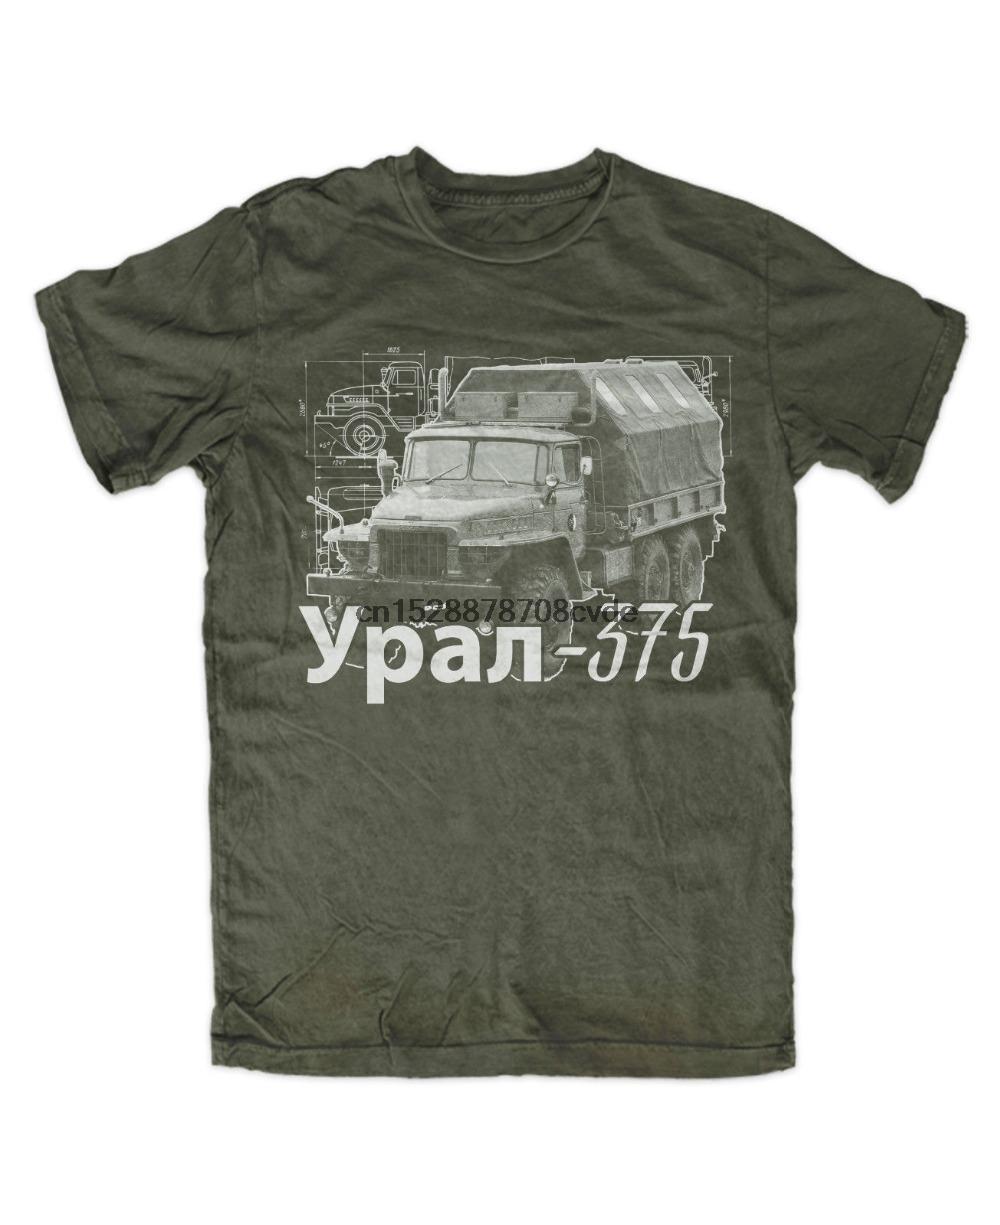 2019 mais novo 375 T-shirt dos homens engraçados URAL OLIV NVA DDR LKW Motiv shirt Offroad Teste T Shirt